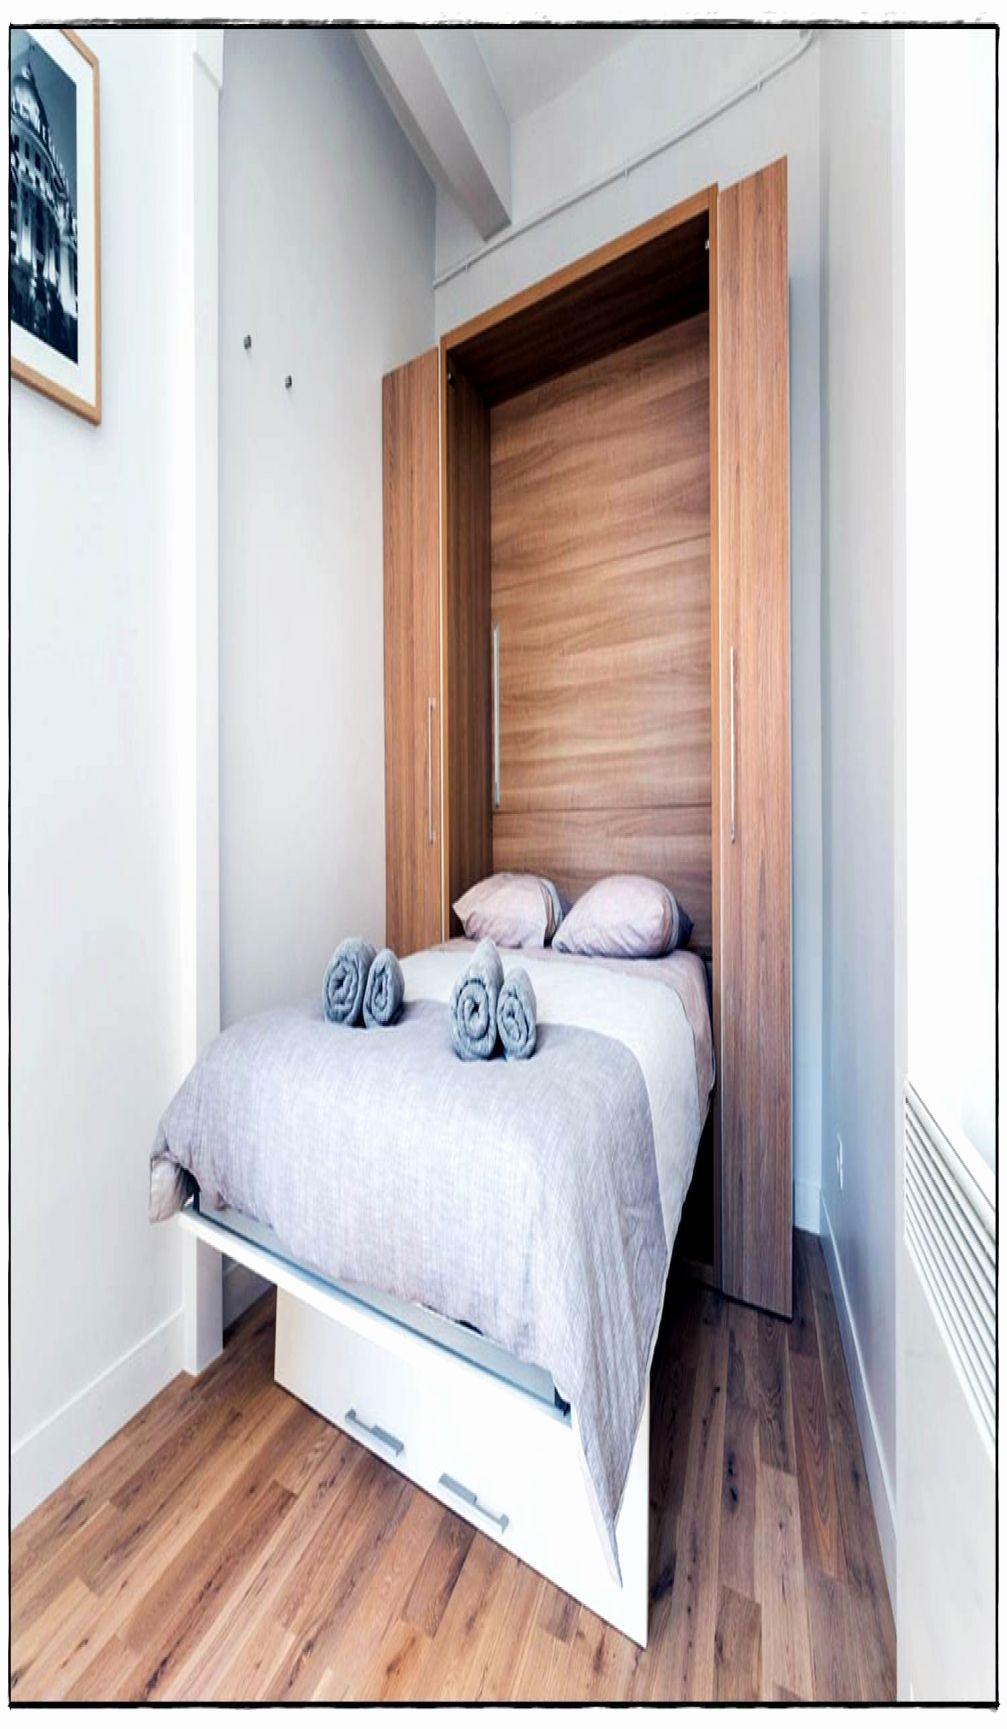 Chambre A Coucher Conforama Genial Chambre A Conforama Chambre Bebe Conforama En 2020 Chambre Conforama Meuble Chambre Chambre A Coucher Maroc